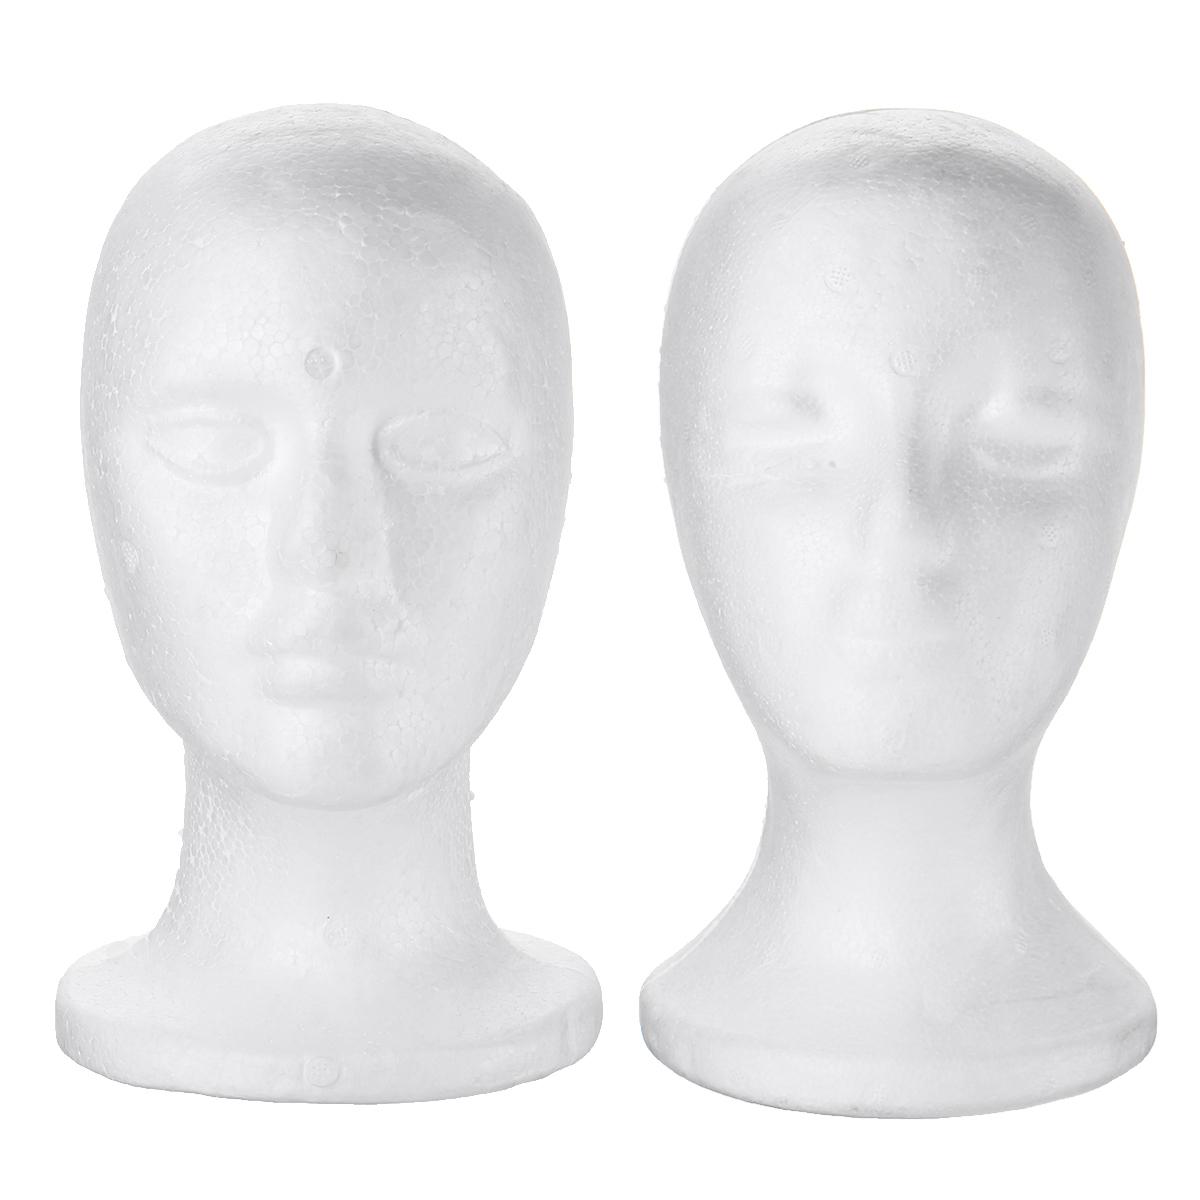 Mannequin Head Модель Шапка Парик Очки Дисплей Стойка стойки